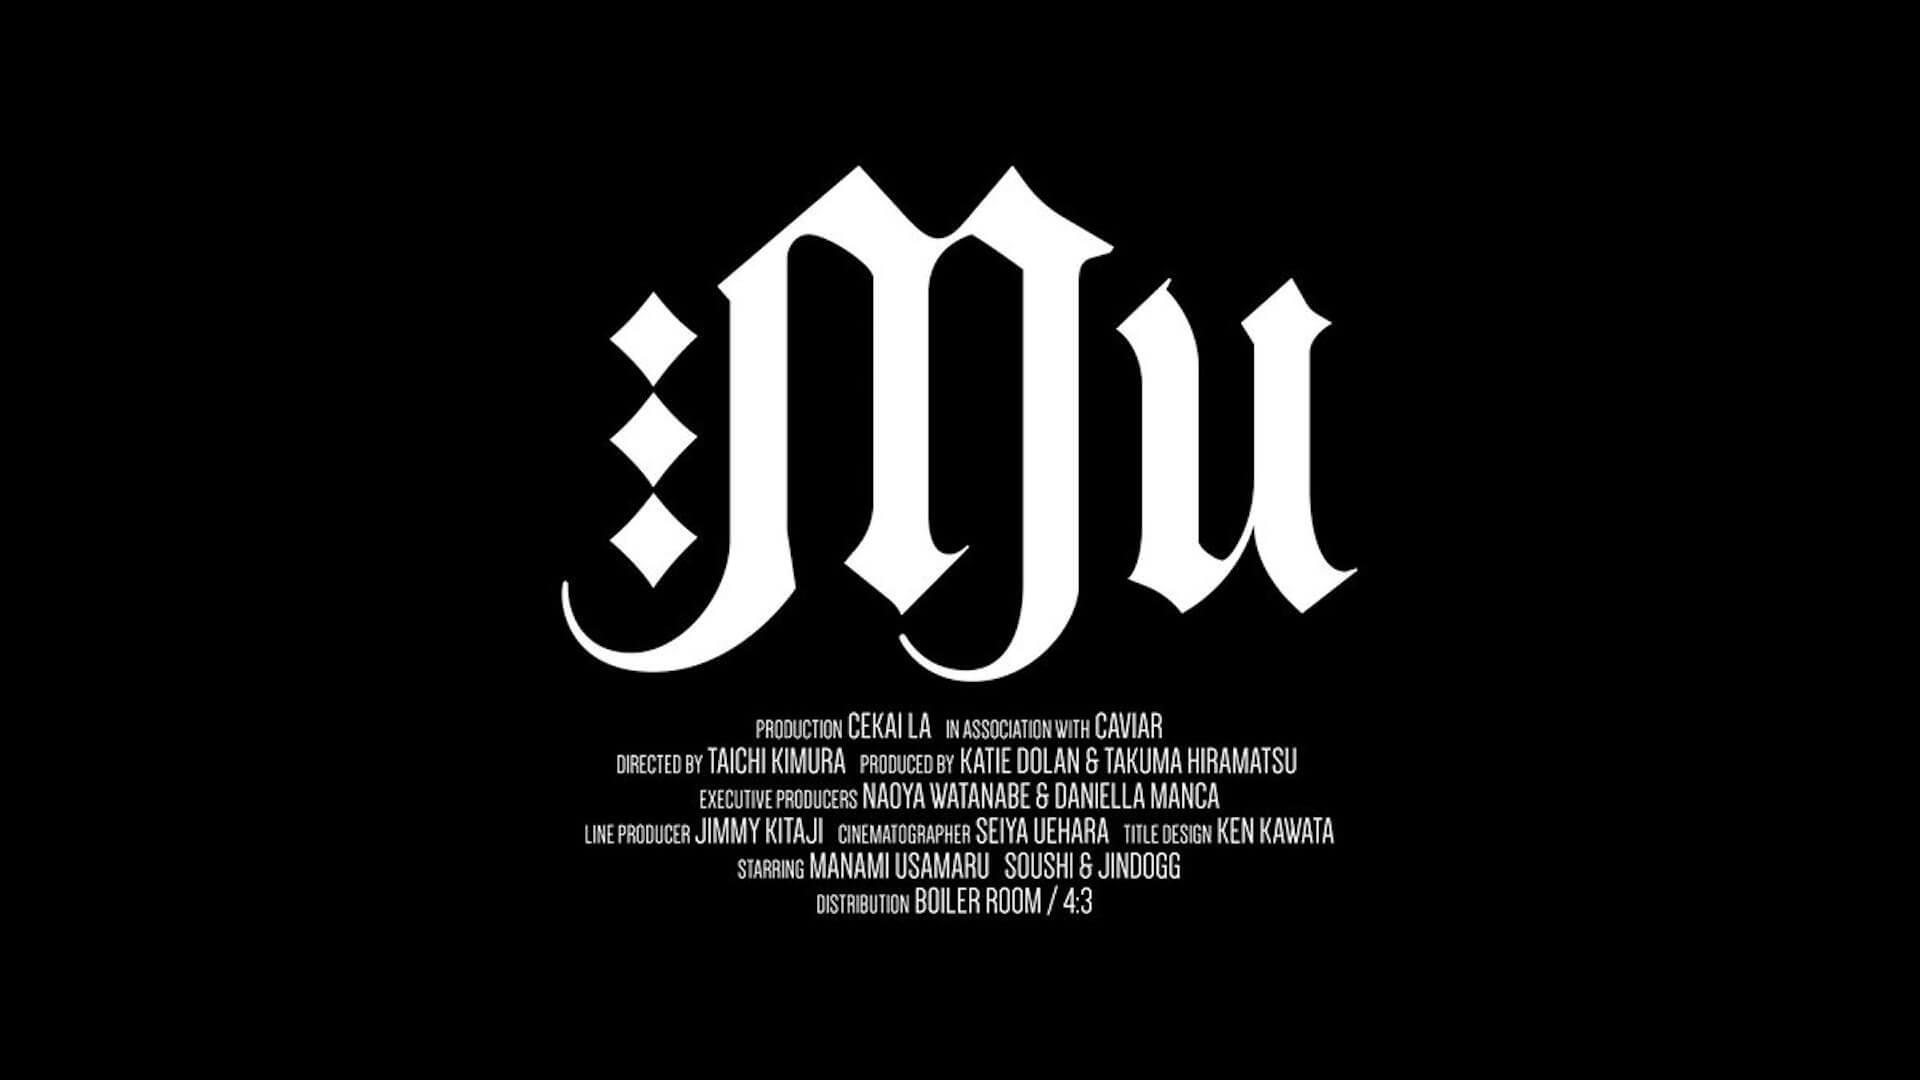 木村太一の最新ショートフィルム『Mu』がBOILER ROOMの「4:3」で世界同時公開|Jin Dogg、Manami Usamaru、Soushiが出演 video190710-kimurataichi-1